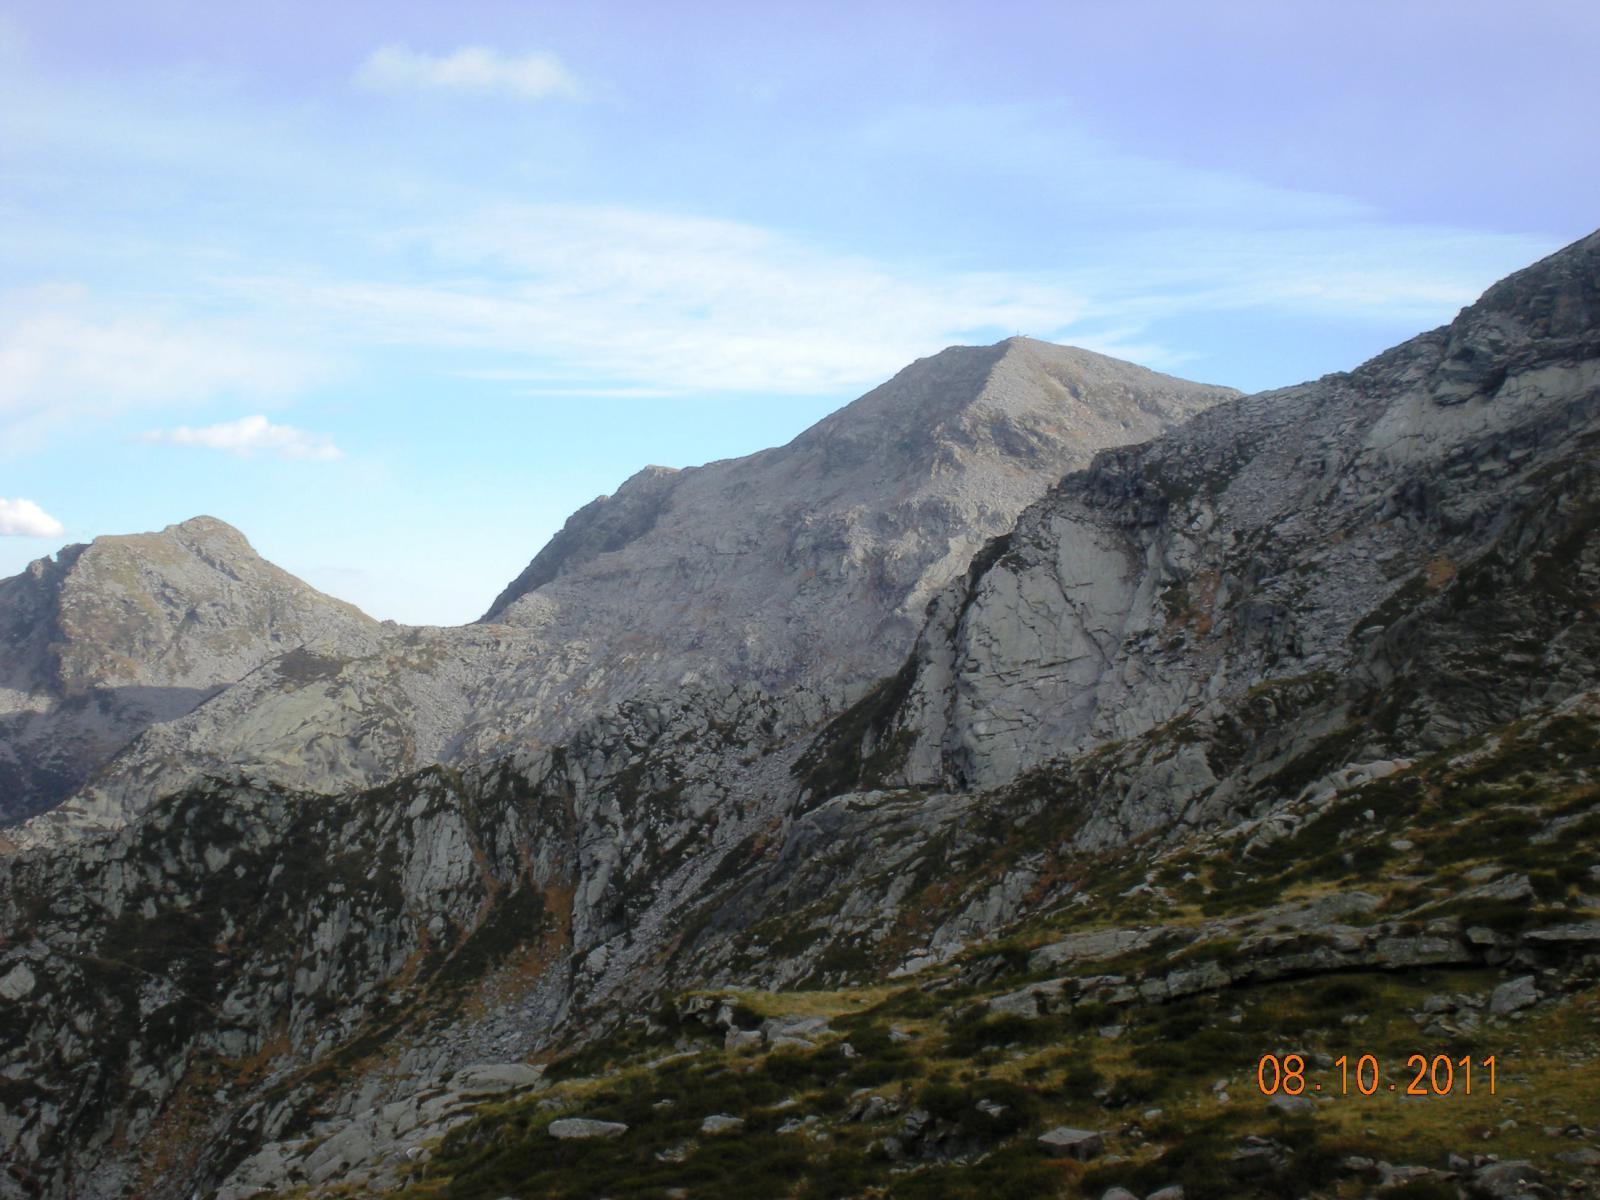 Tovo e Camino dalla Gragliasca